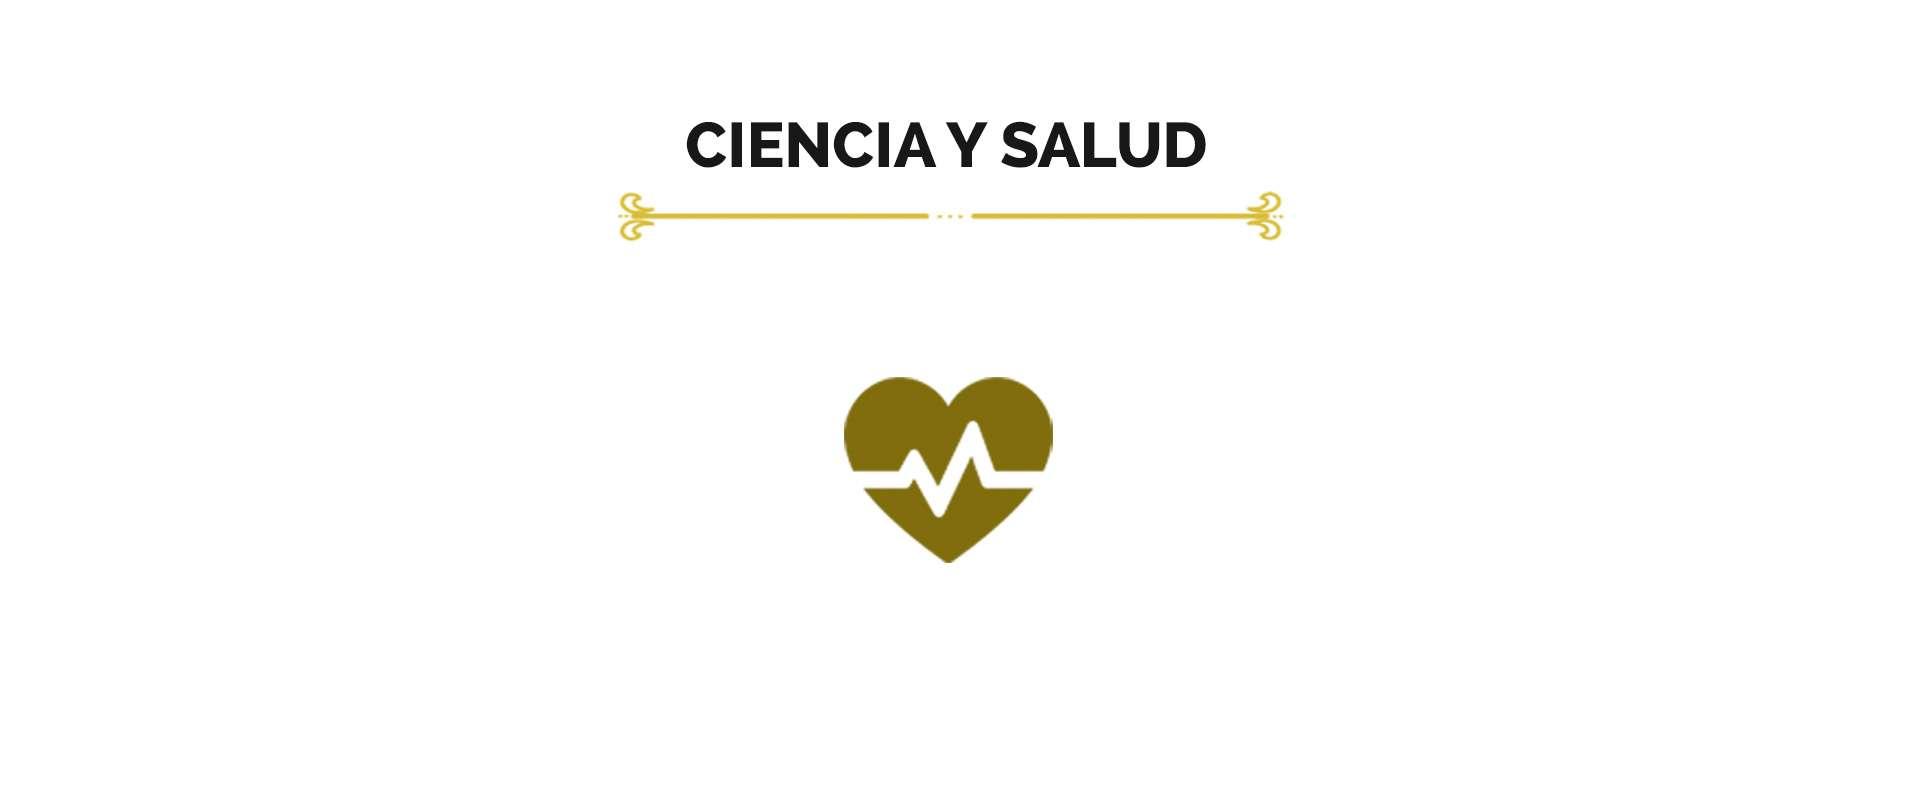 ciencia y salud del aceite de oliva